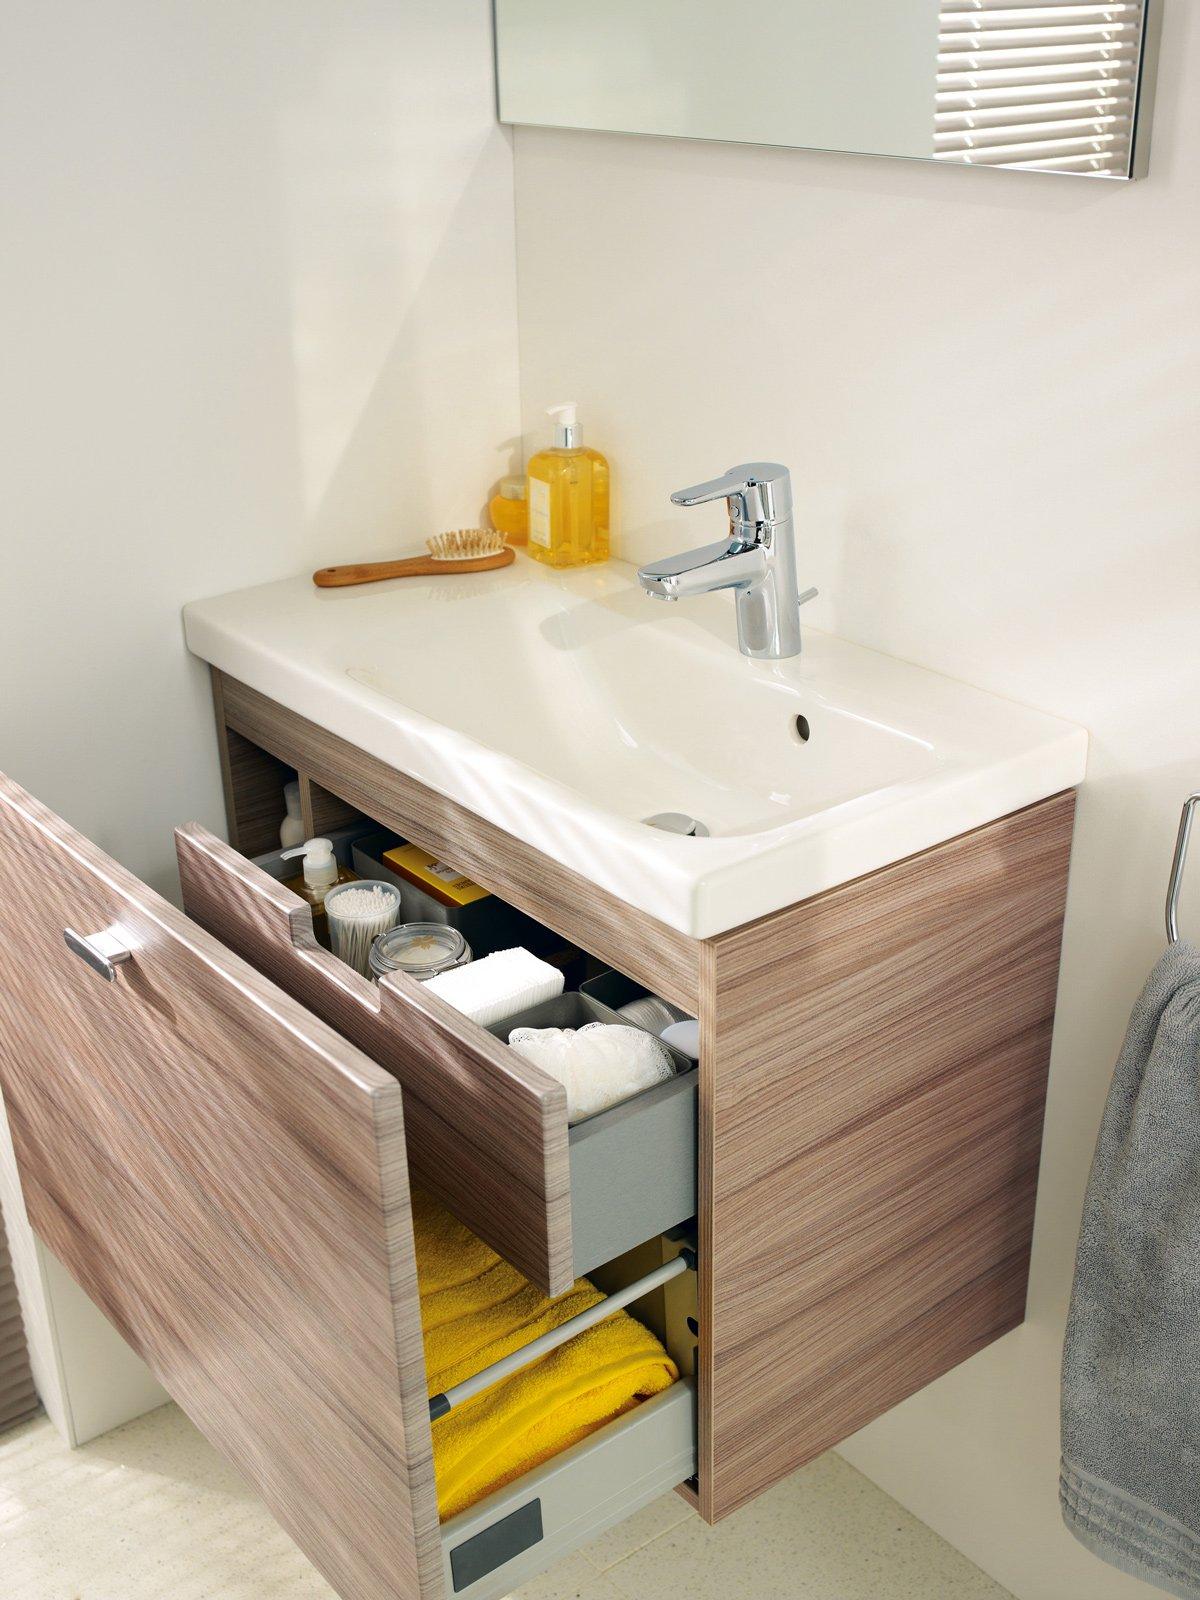 Mobili bagno con cassetti tutto in ordine sotto il lavabo - Mobiletto bagno ...